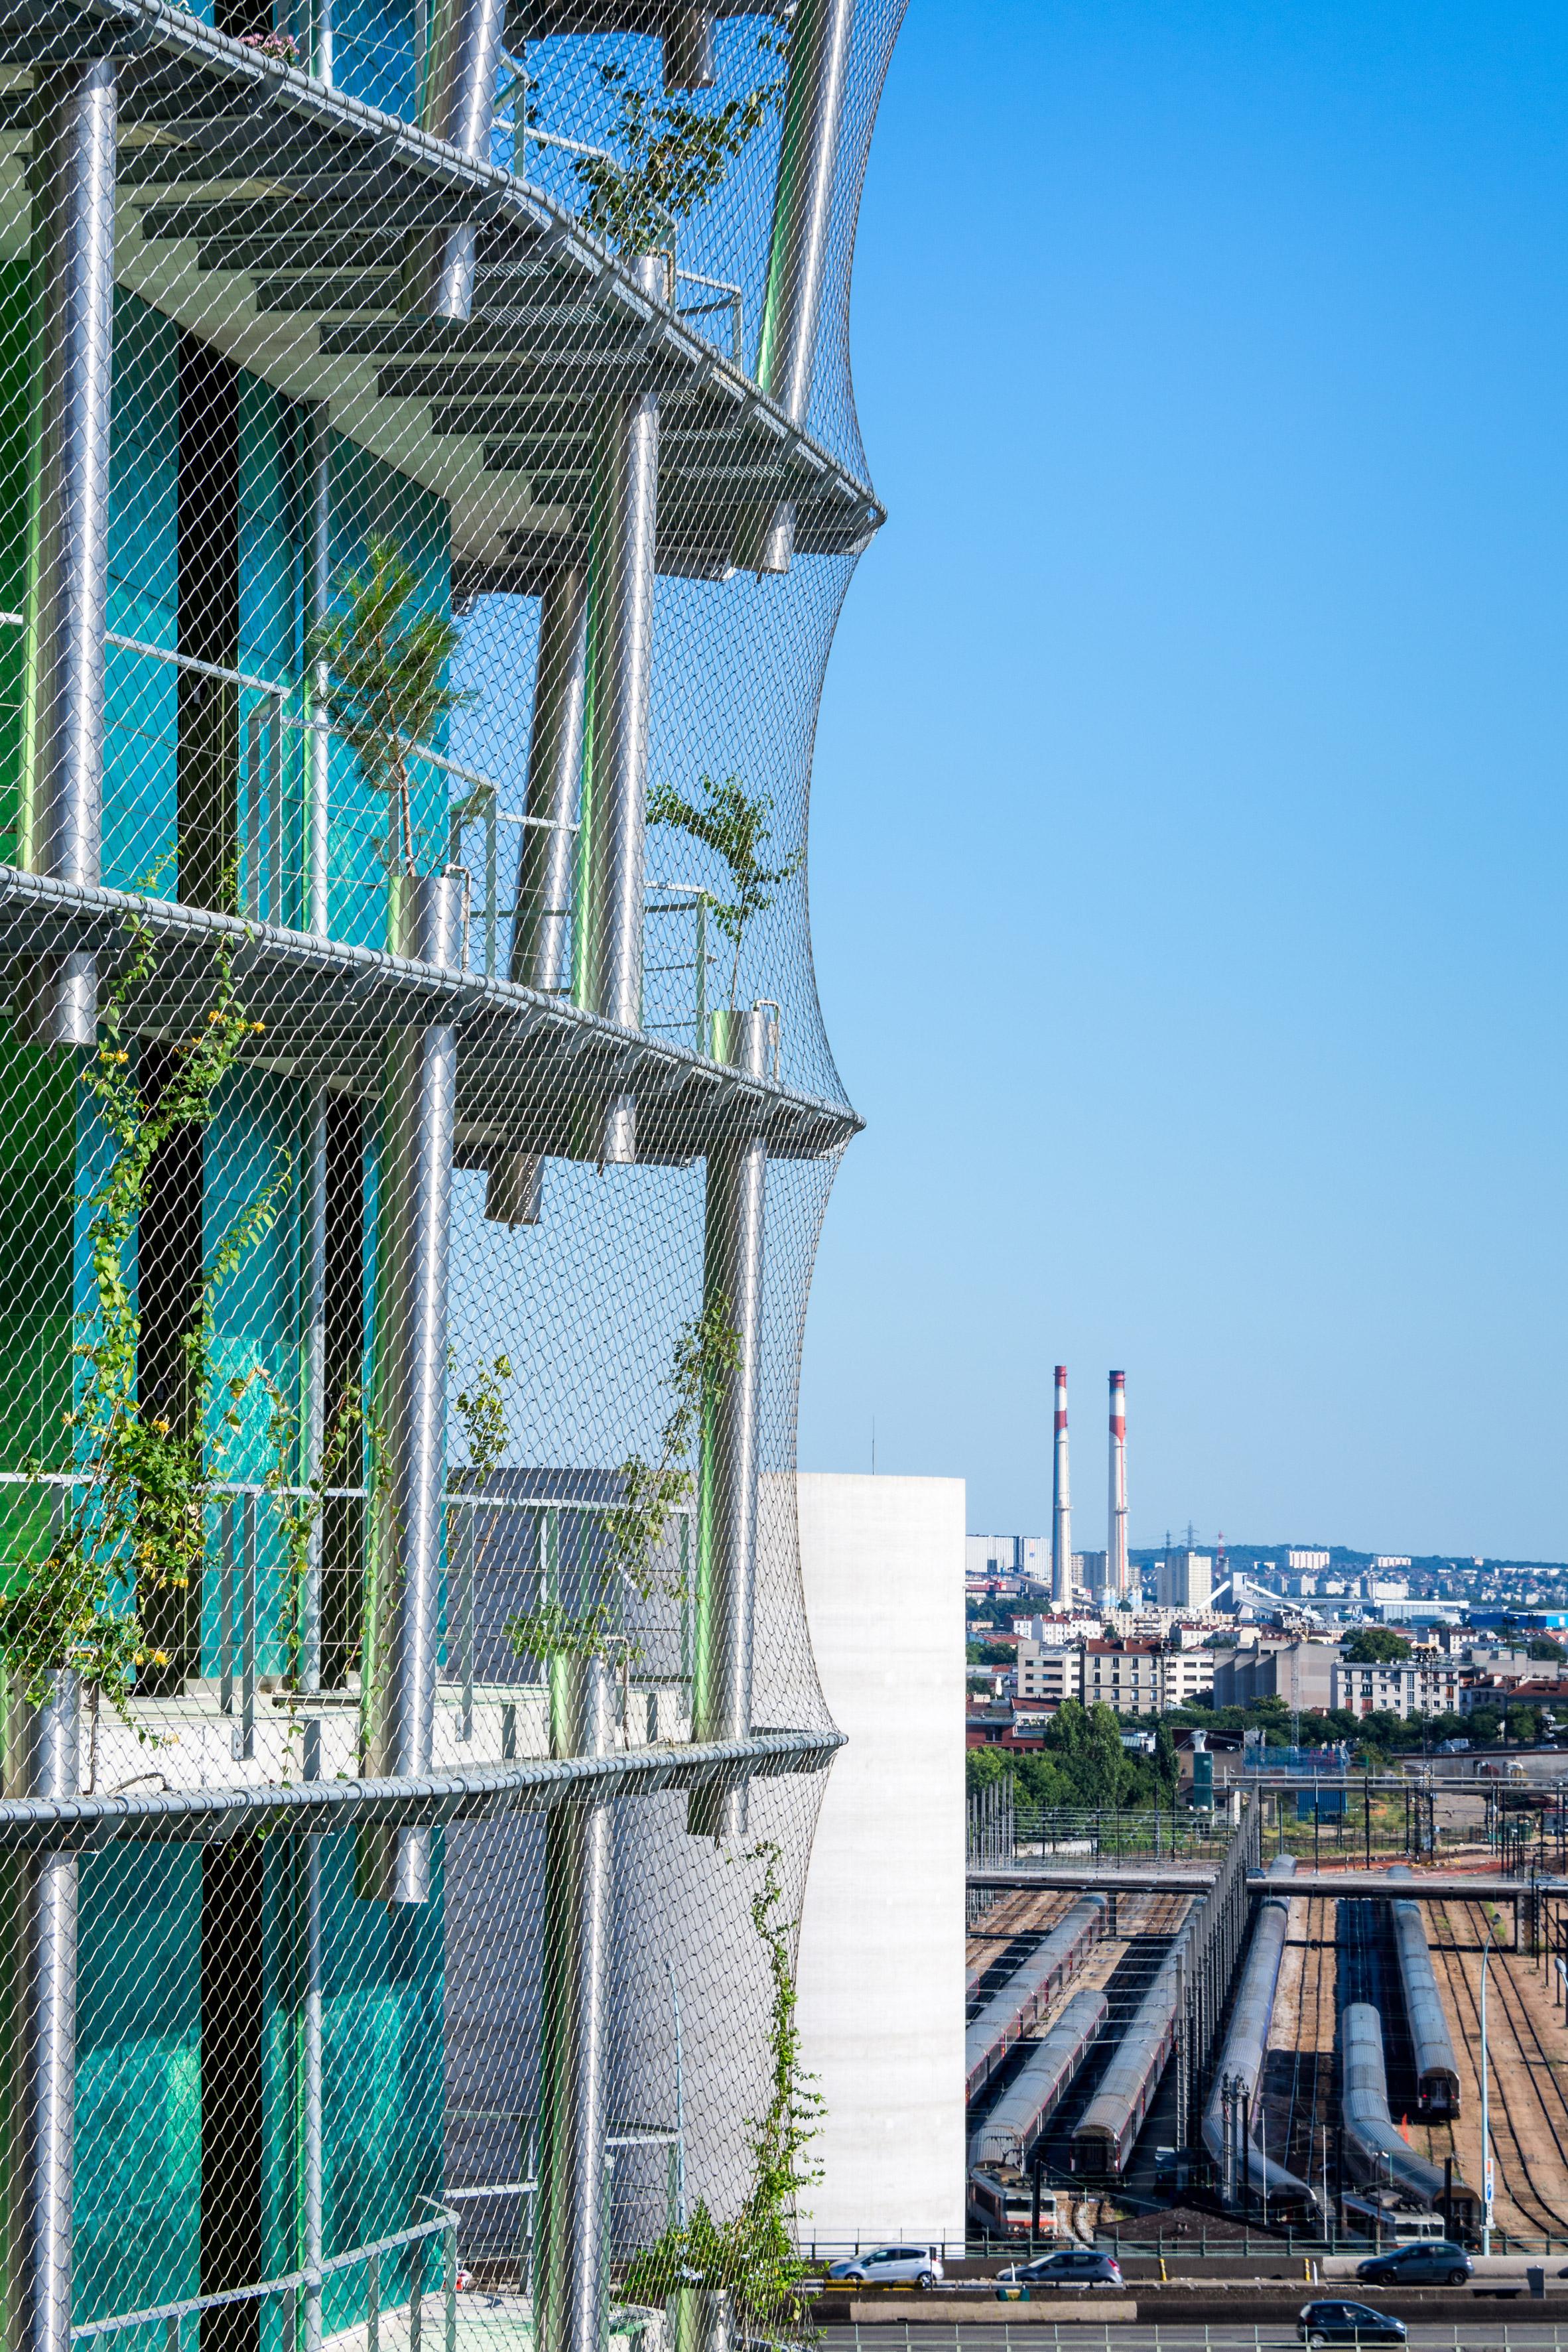 Paris está prestes a ganhar um prédio que espalha sementes por toda a cidade